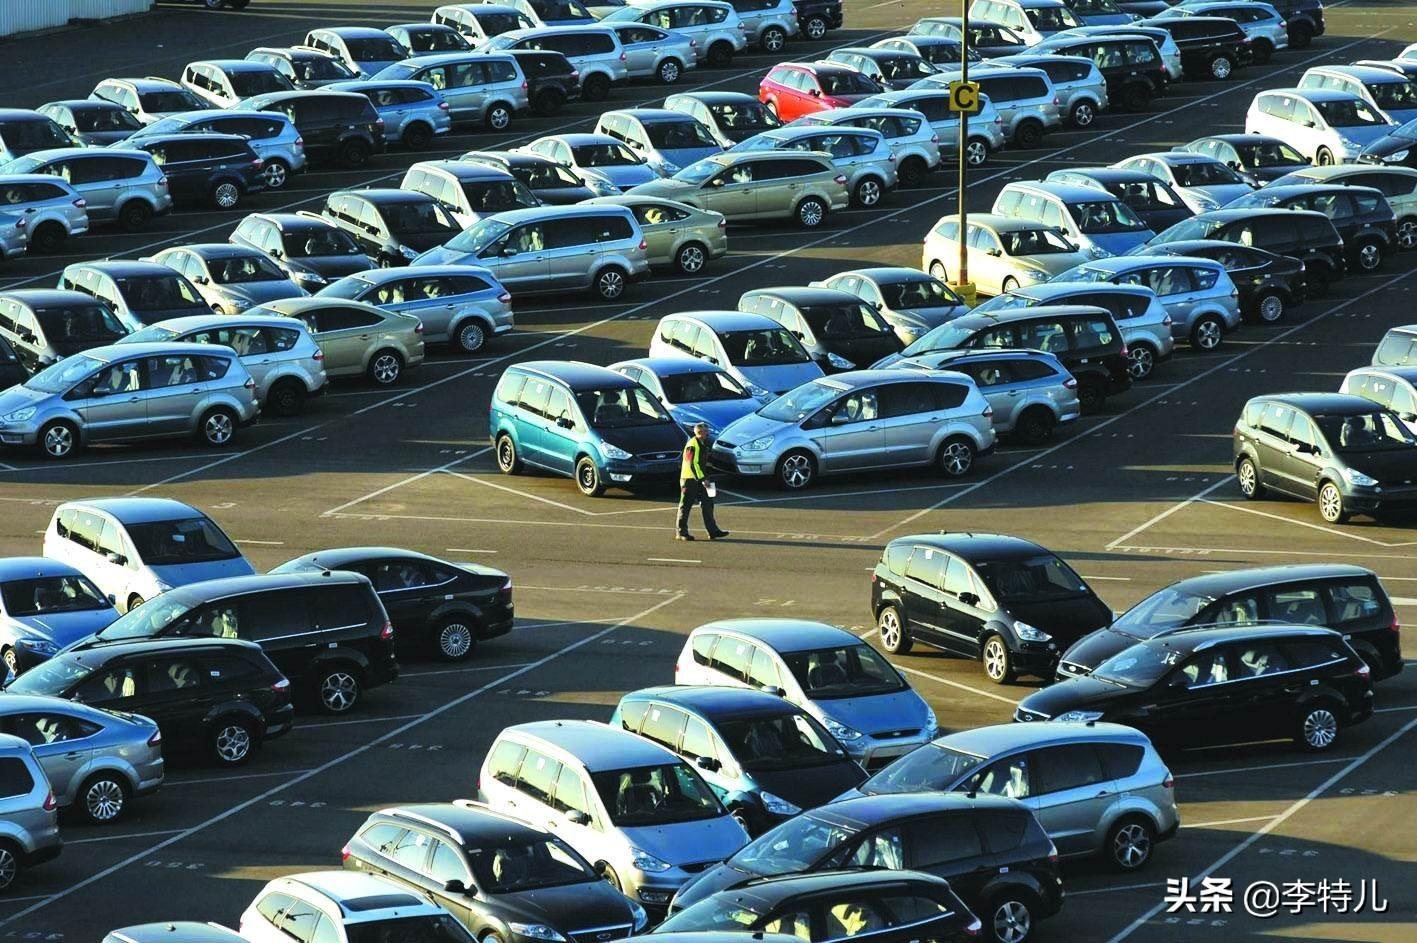 6月汽车销量排名最完整版:共459款车型,来看看你的爱车排第几